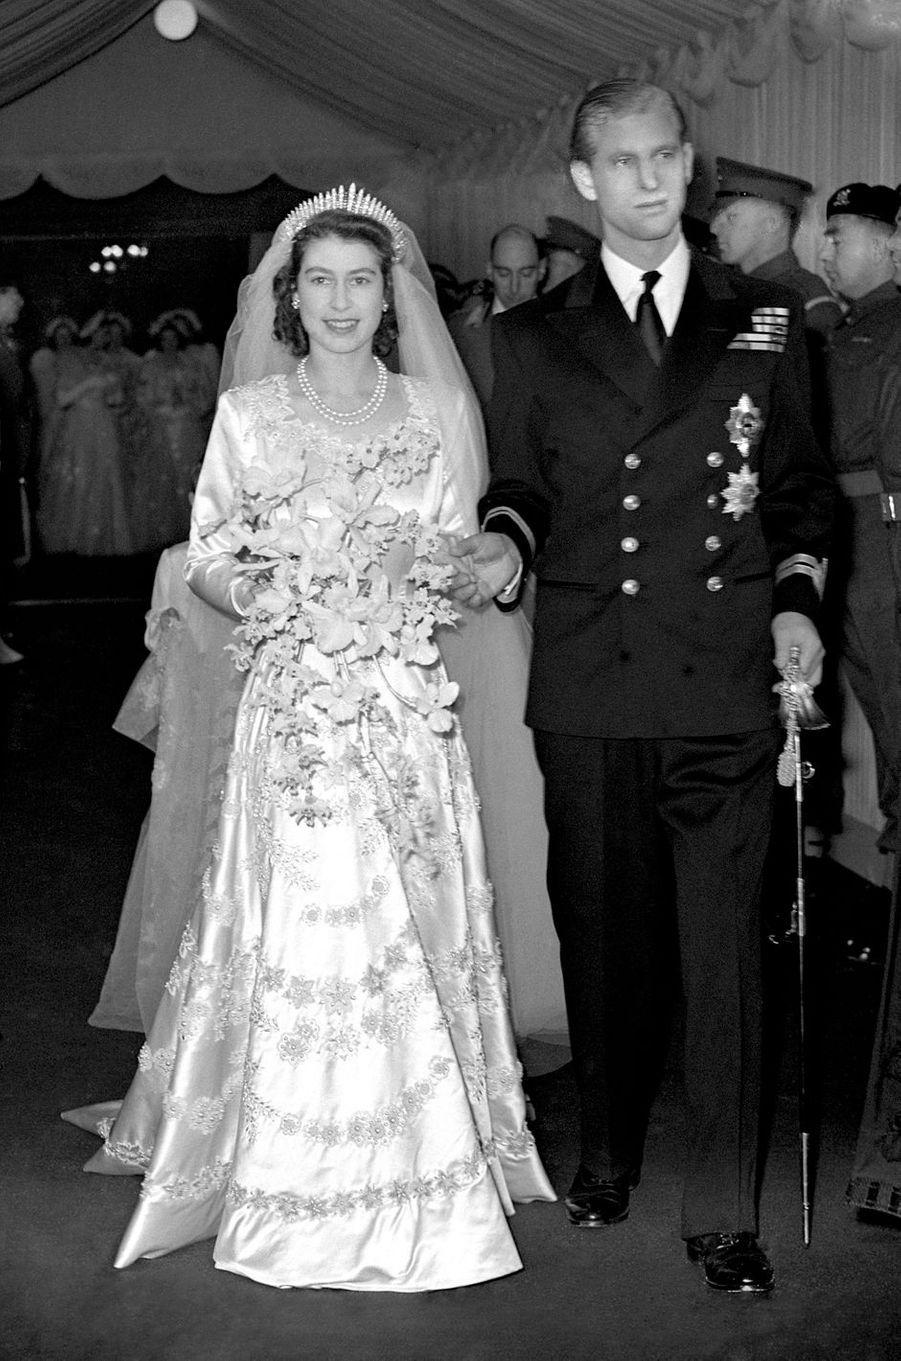 La princesse Elizabeth et le prince Philip le 20 novembre 1947, jour de leur mariage